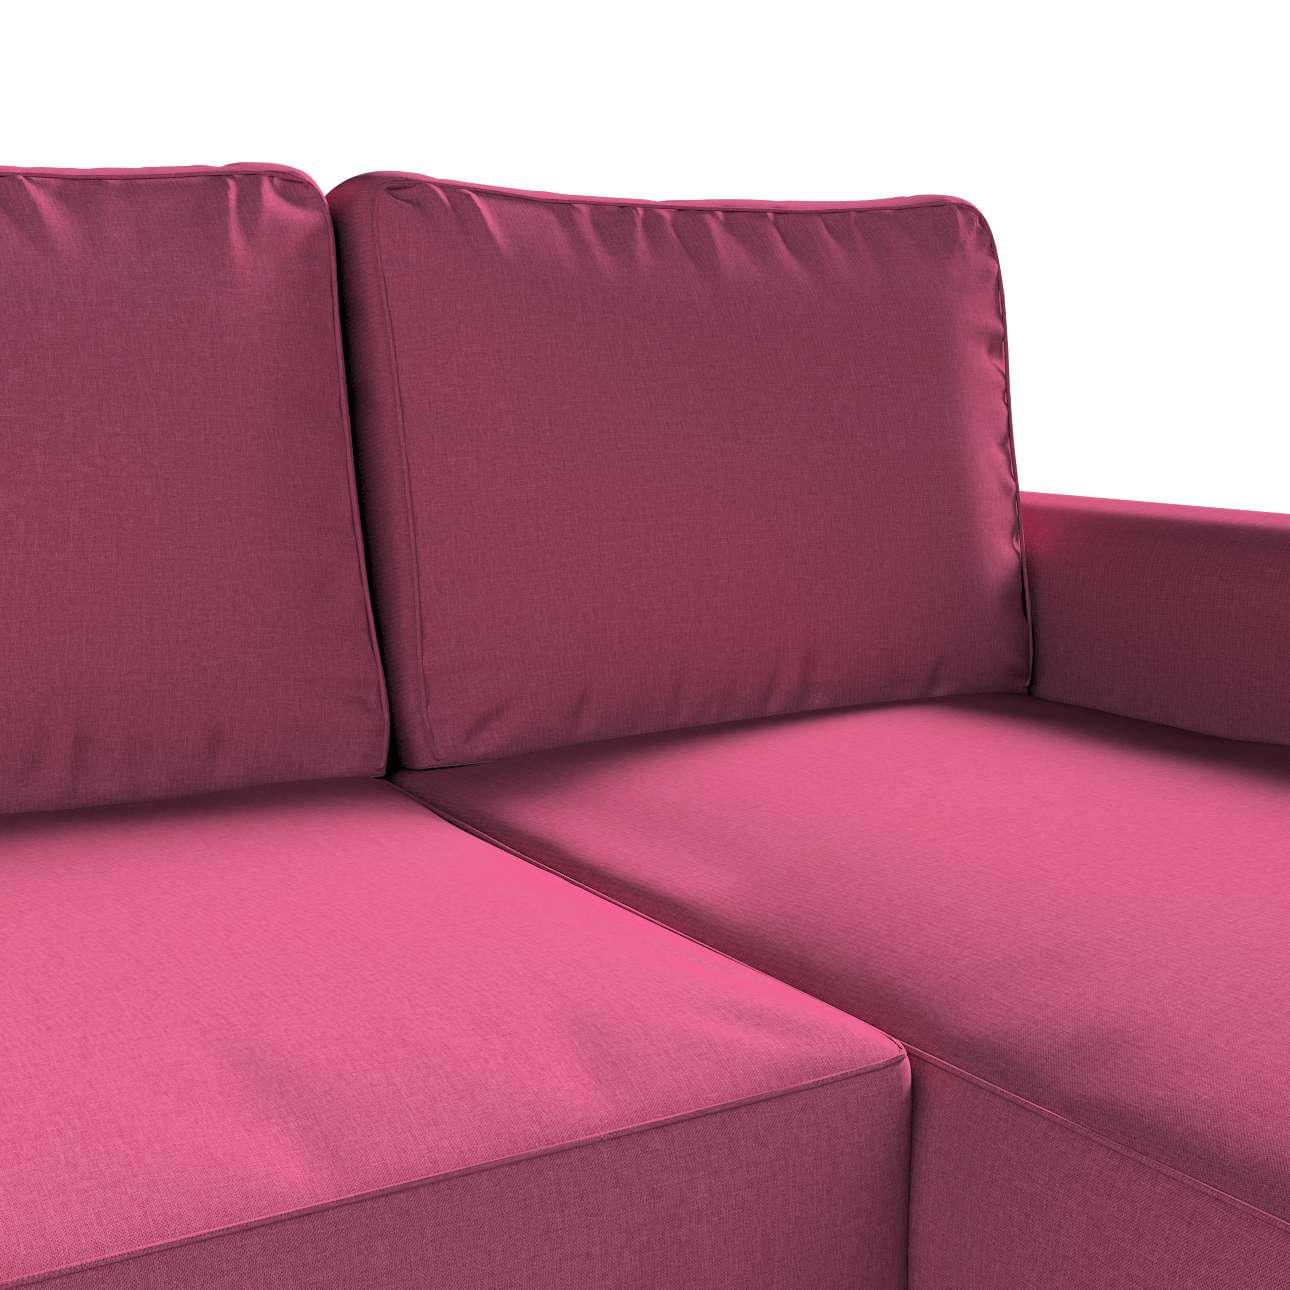 Pokrowiec na sofę Backabro rozkładaną z leżanką w kolekcji Living, tkanina: 160-44